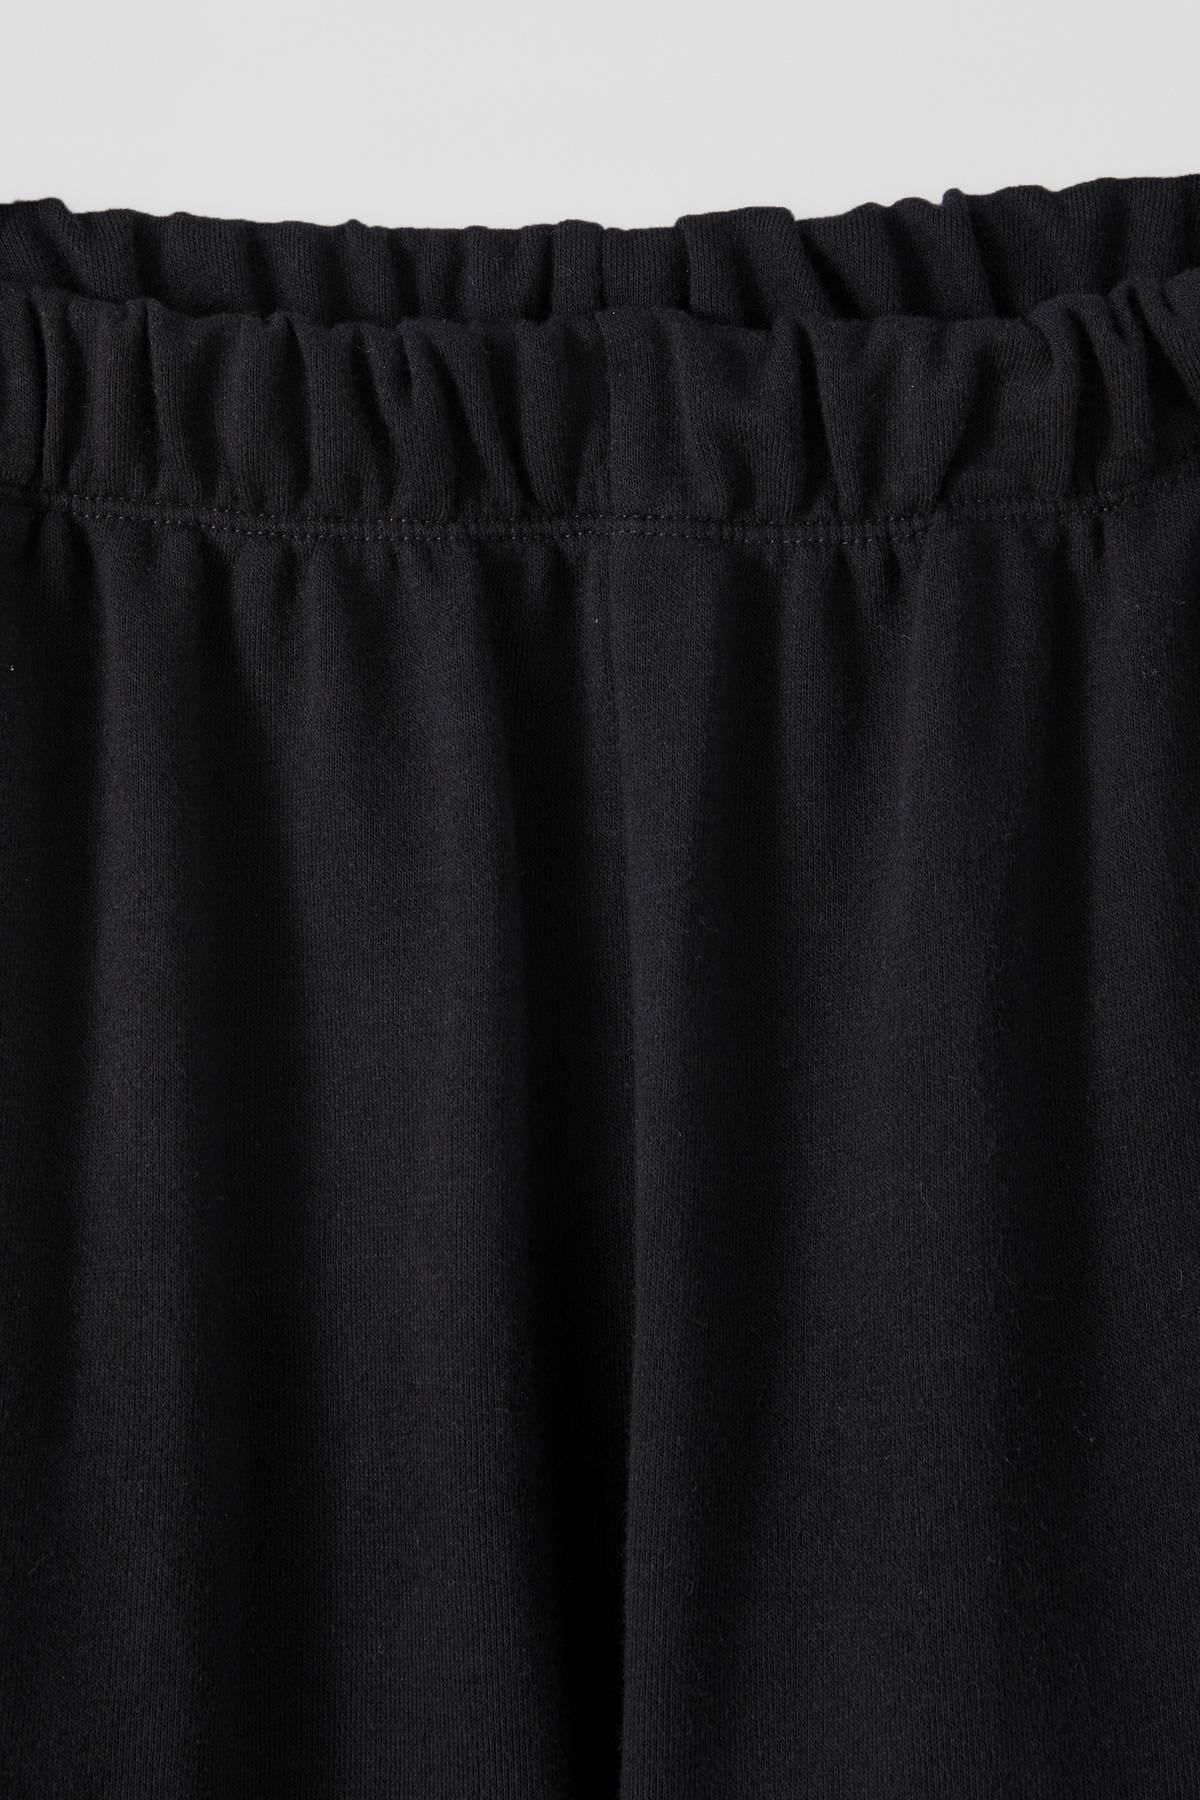 Pull & Bear Kadın Siyah Elastik Paçalı Jogging Fit Pantolon 09672315 2